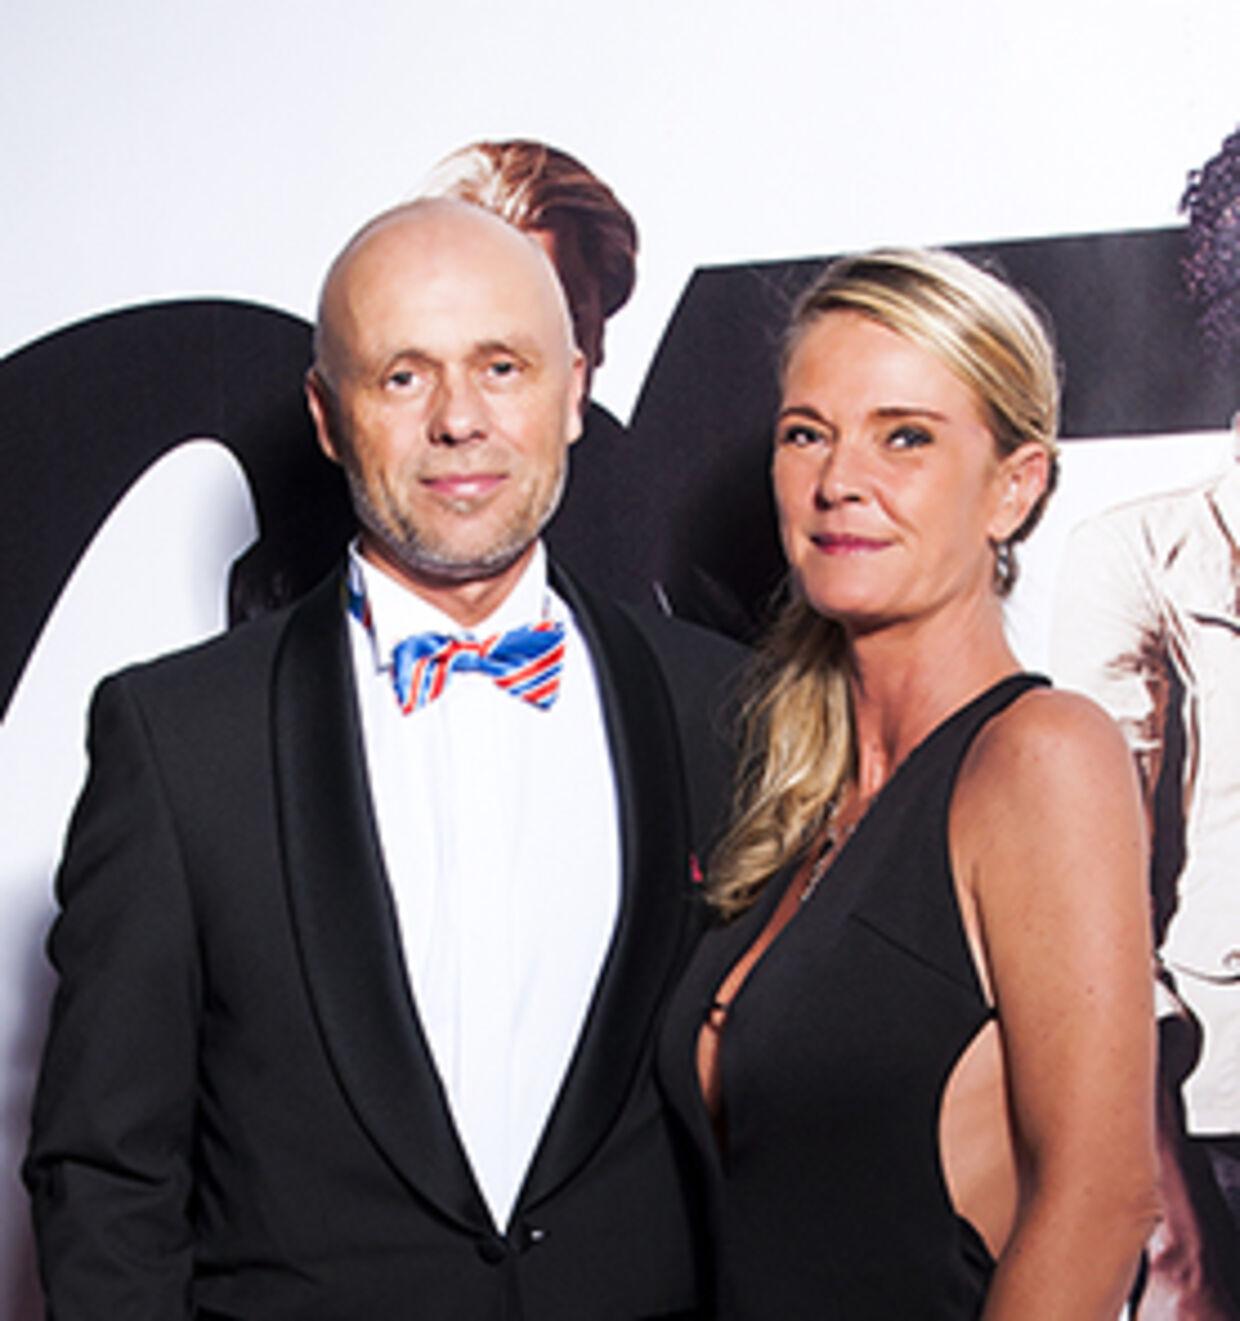 Torben og Mie Nielsen står bag swingerklubben Tucan Club i Kolding. Foto: Tucanclub.dk